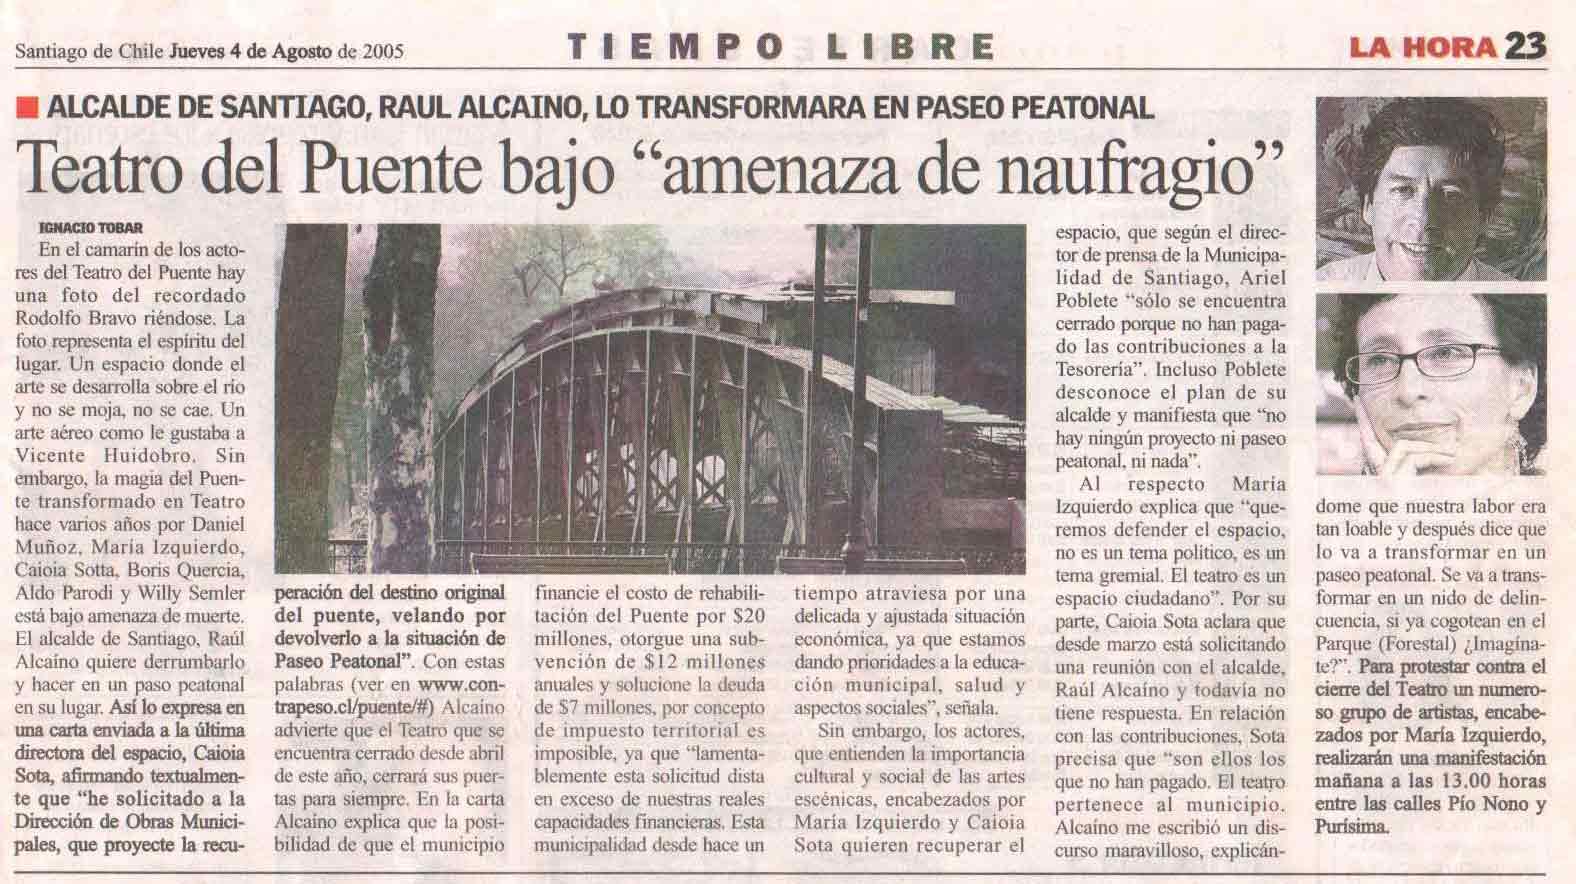 """Teatro del Puente bajo """"amenaza de naufragio"""" - La Hora - jueves 4 agosto, 2005"""